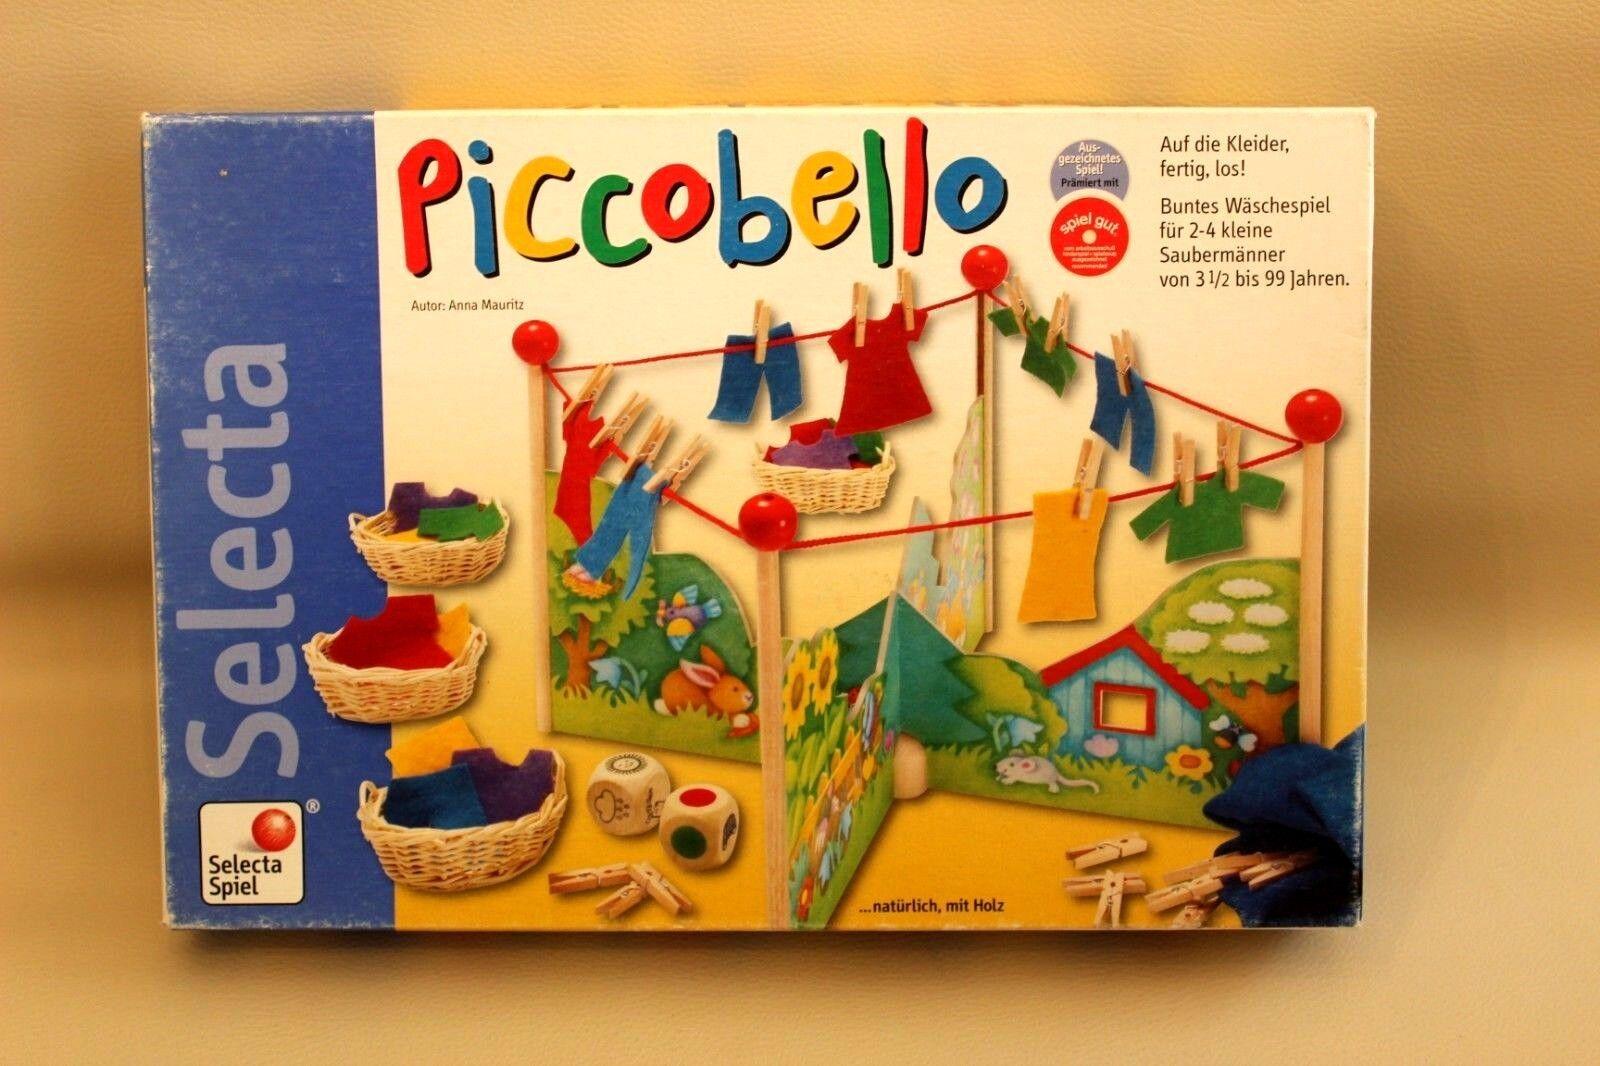 Piccobello - Jeu de société éducatif coopératif - étendre le linge multiCouleure